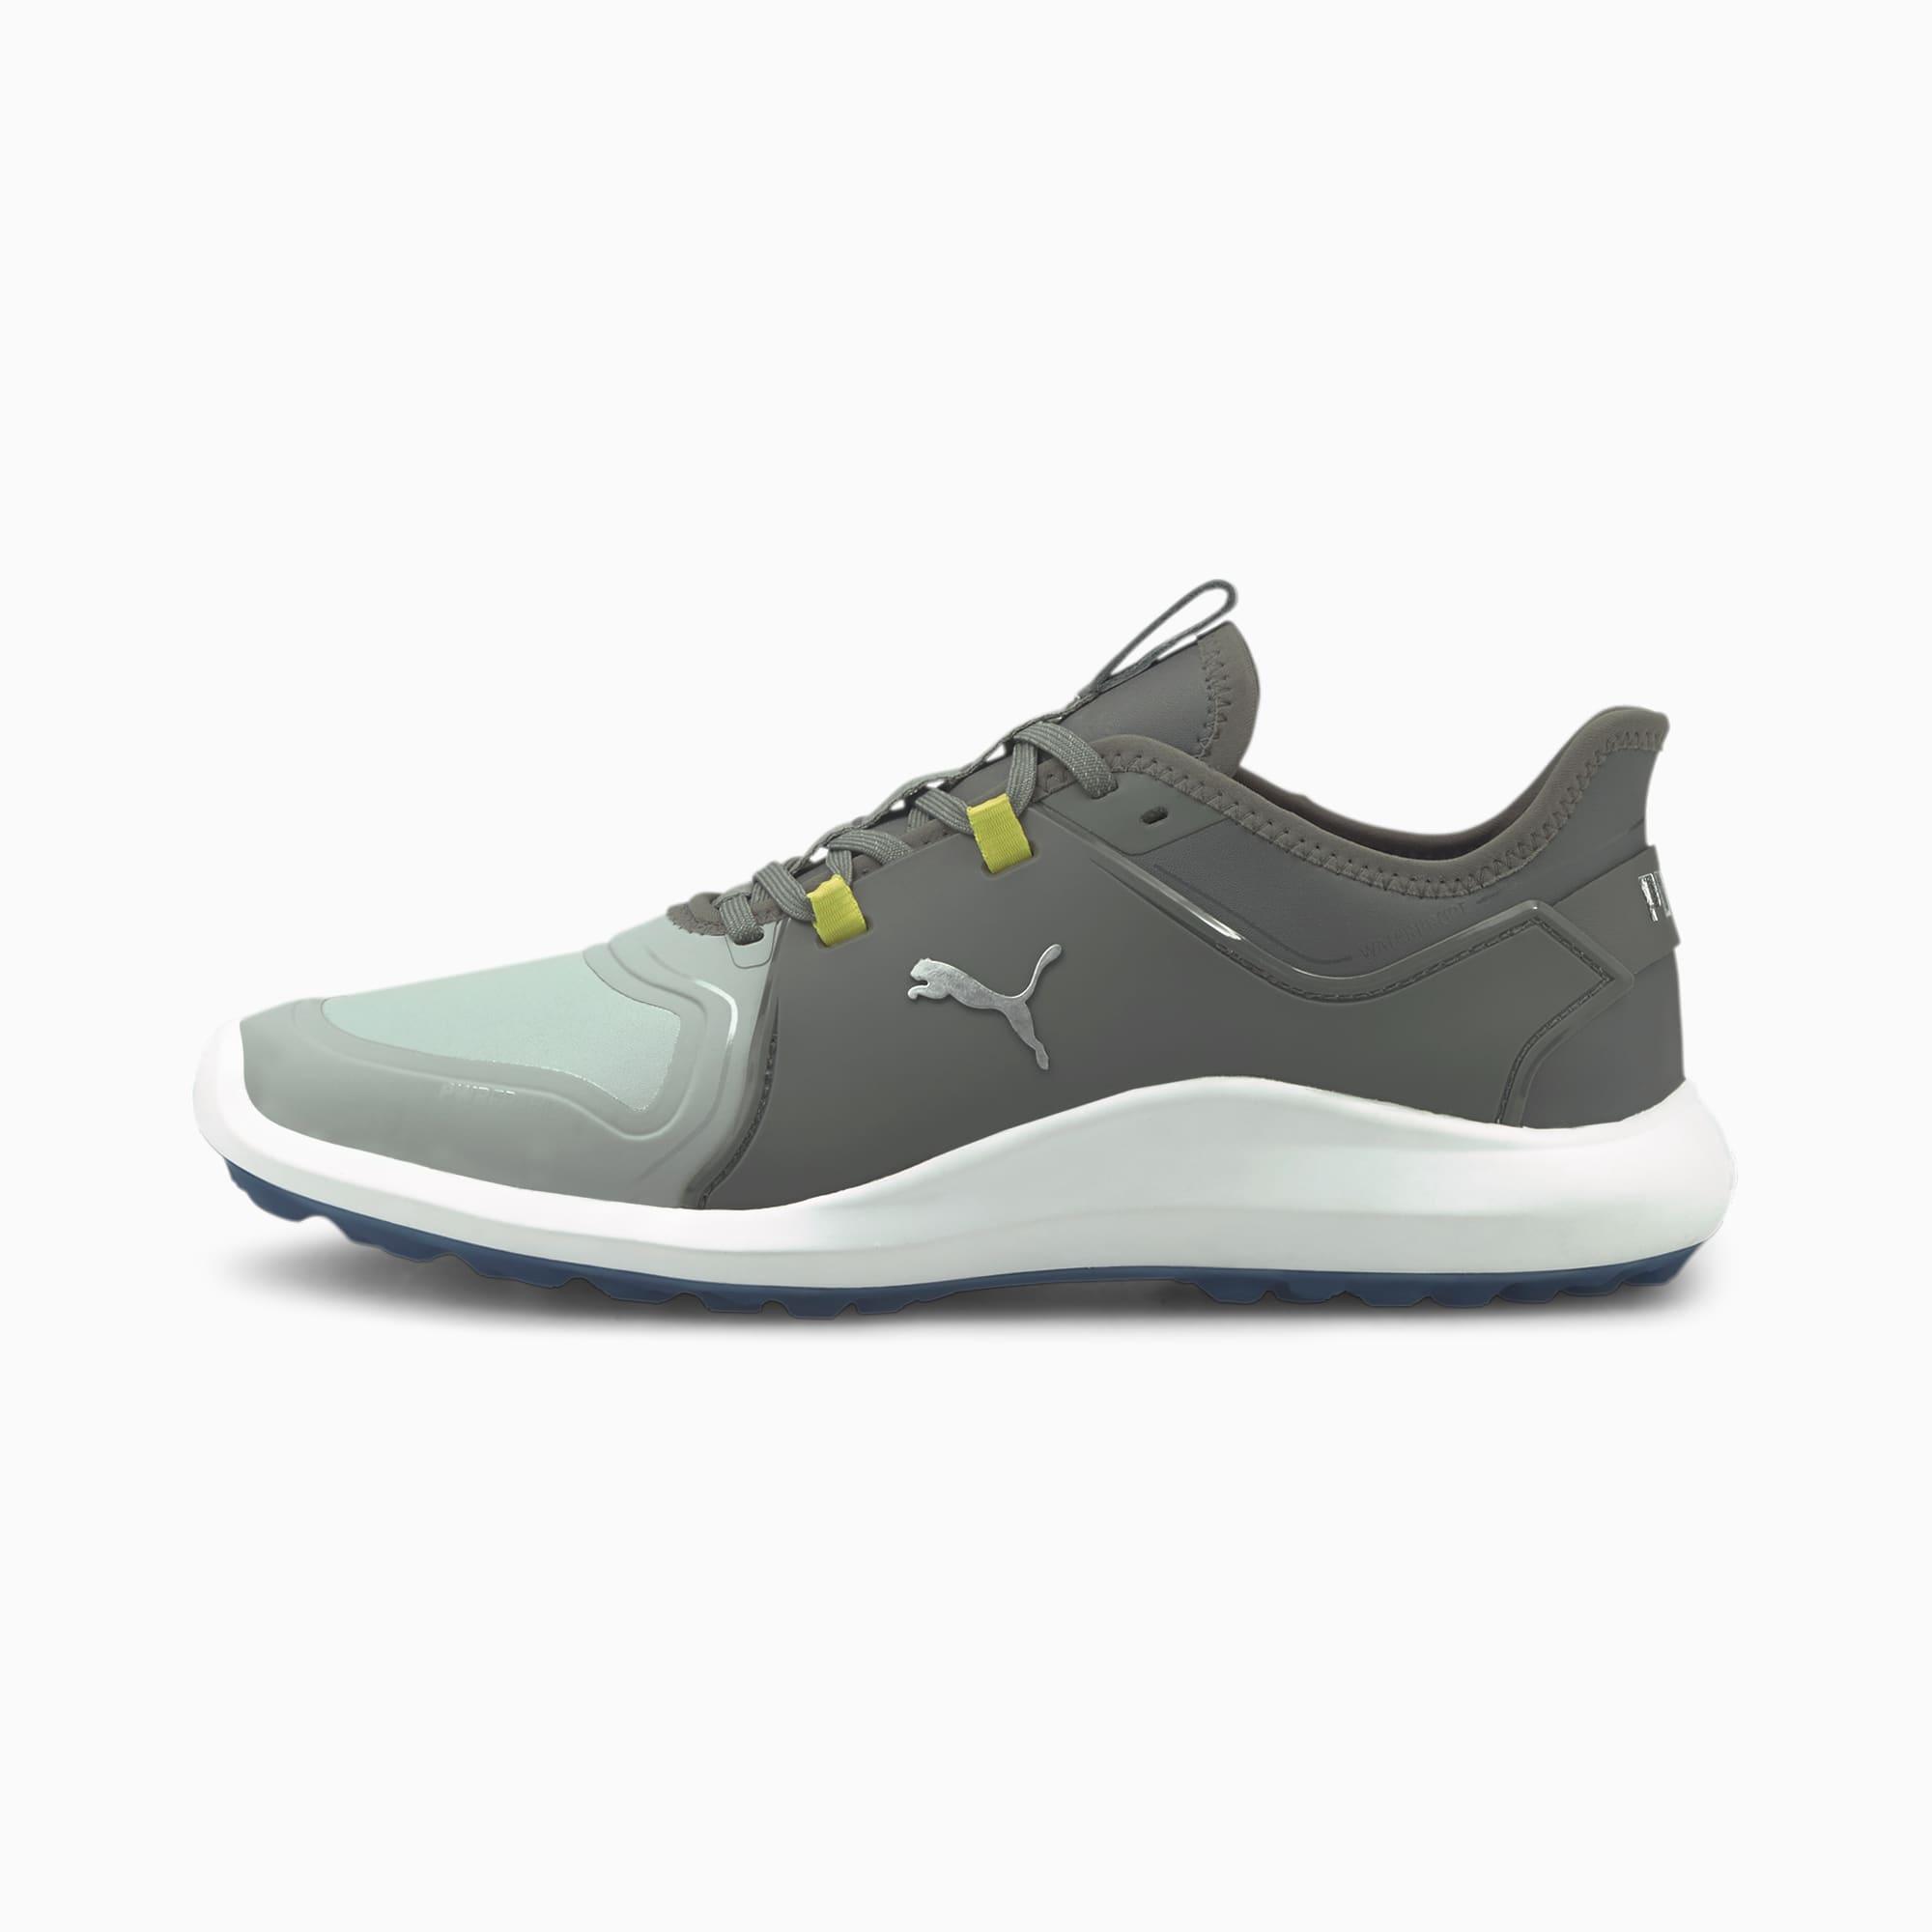 Chaussures de golf IGNITE FASTEN8 Pro homme